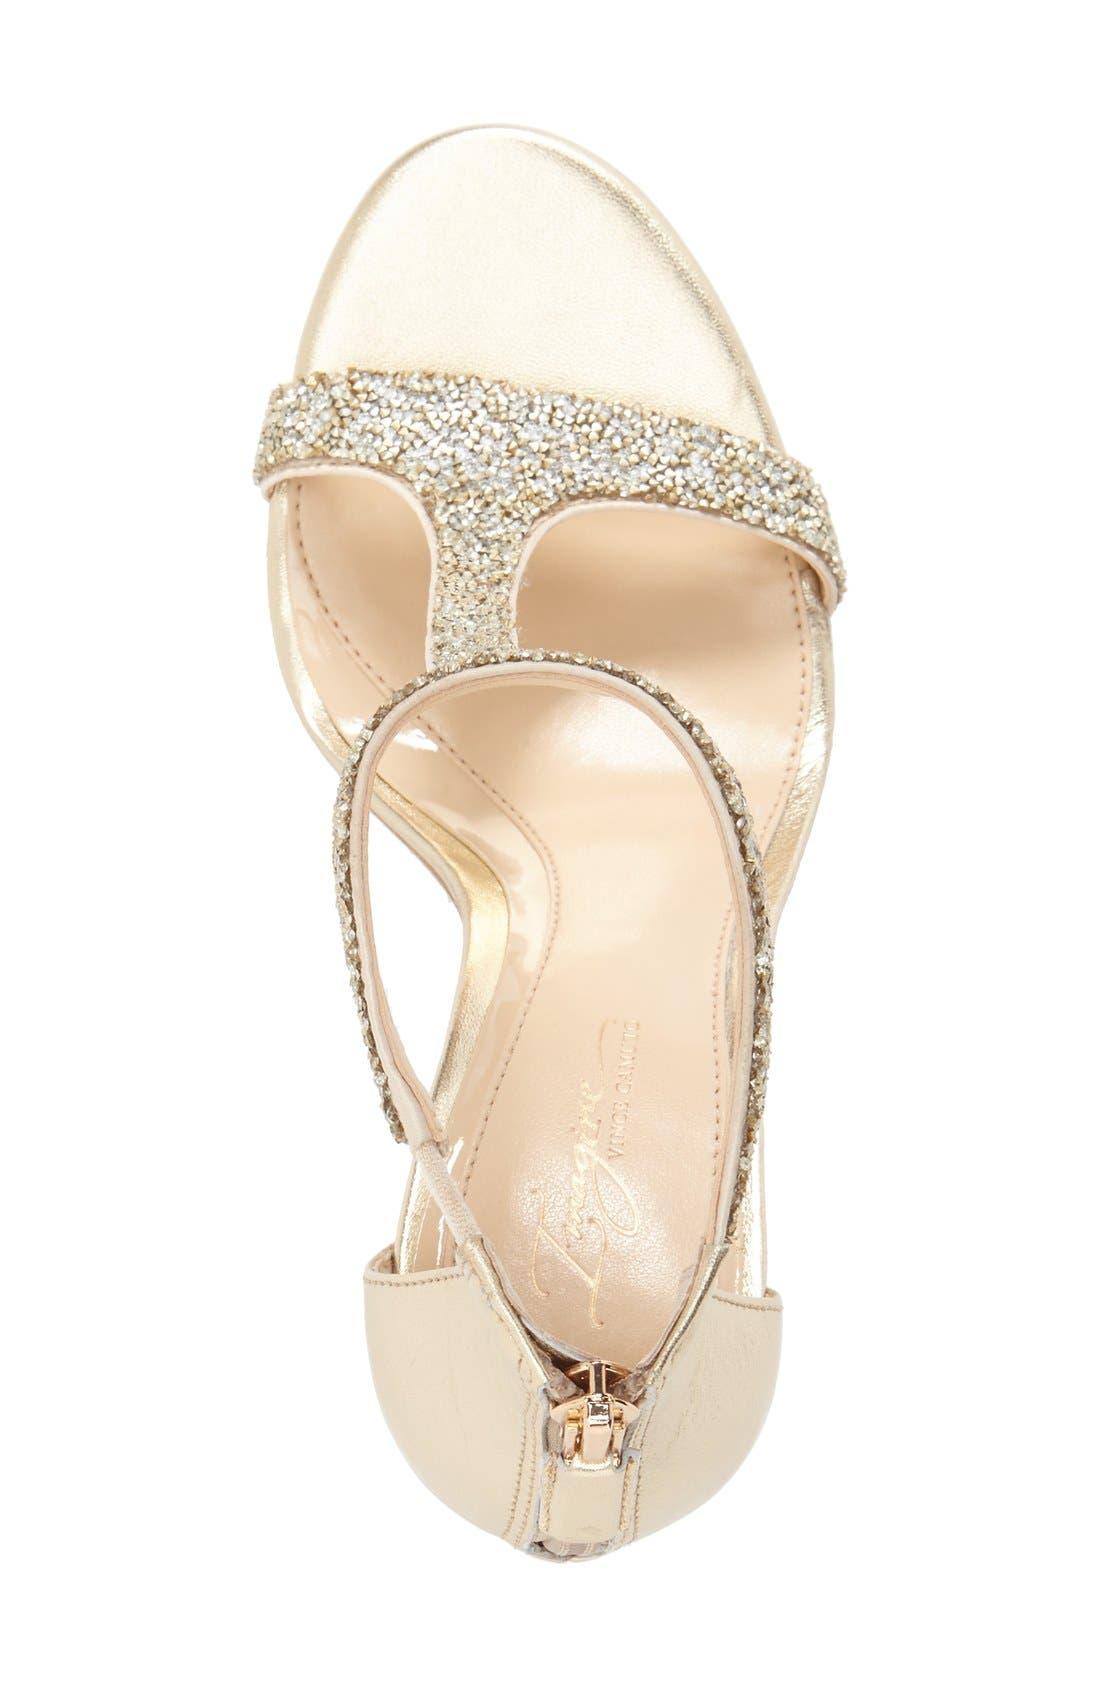 'Phoebe' Embellished T-Strap Sandal,                             Alternate thumbnail 3, color,                             Crystal/Gold Nappa